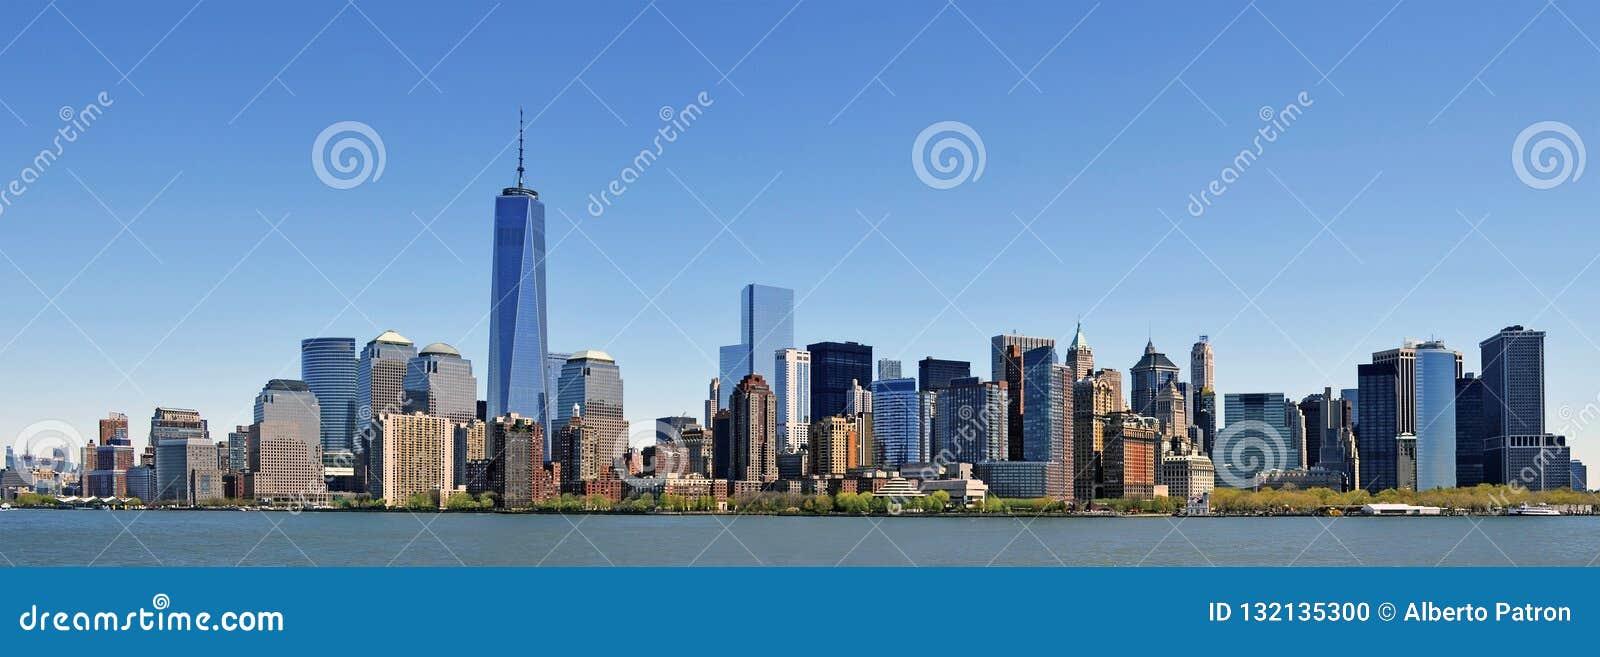 New York, das beste breite Panorama verfügbar mit dem Hudson